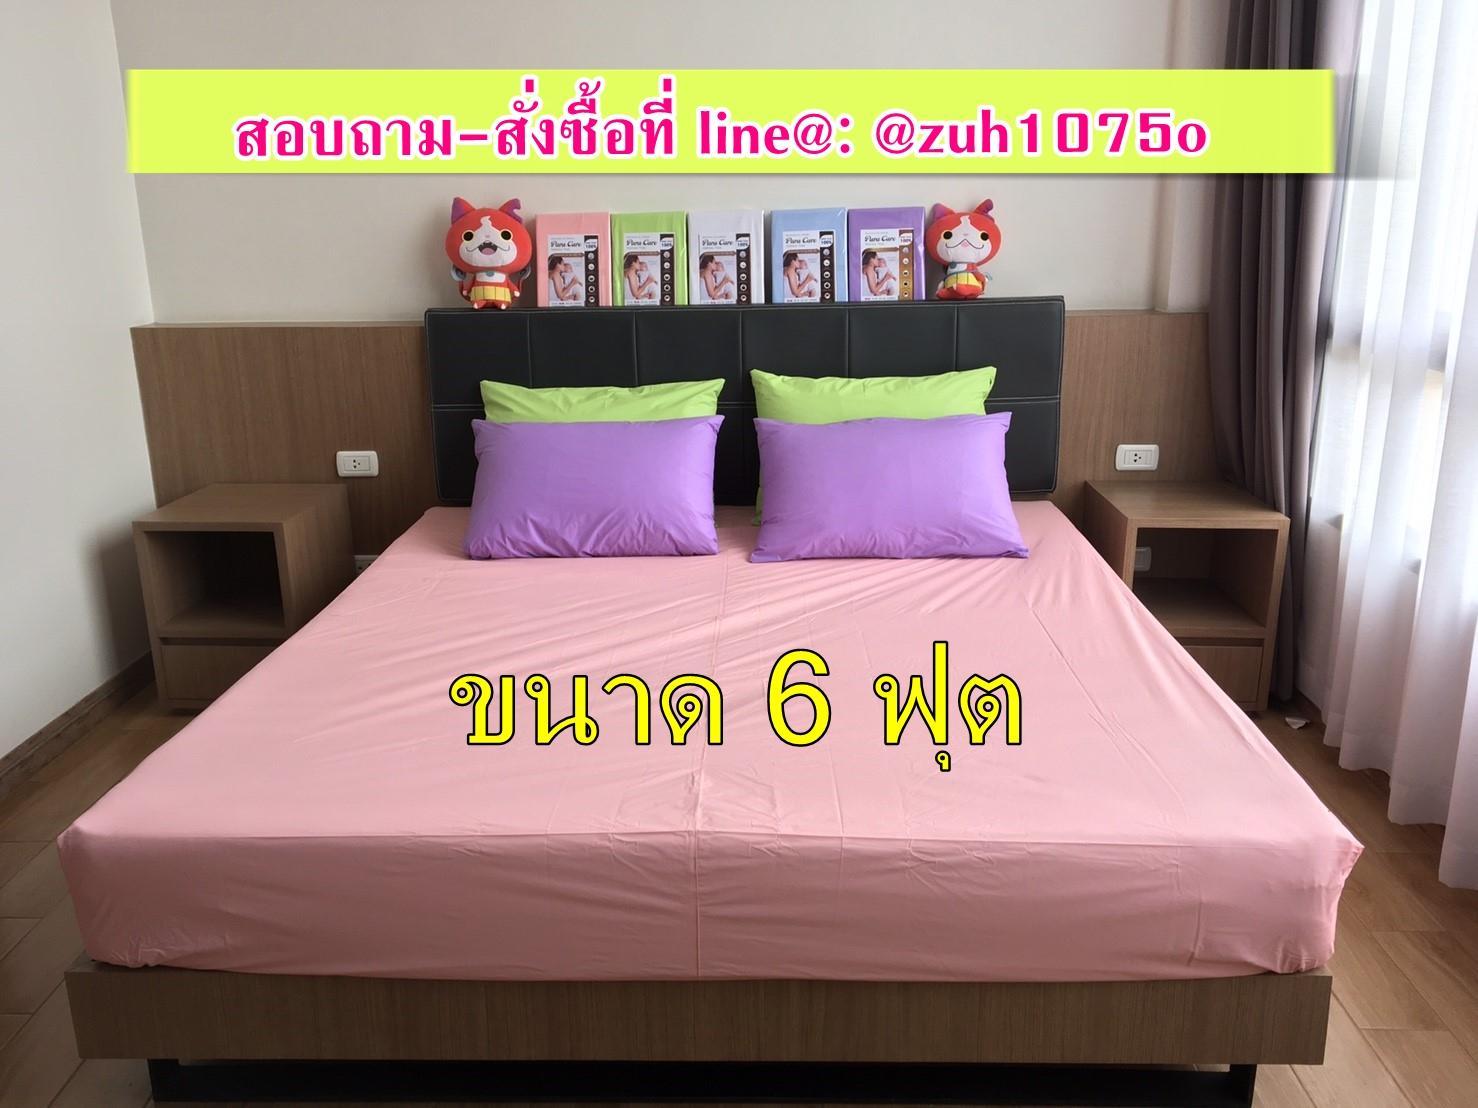 สีชมพู 6ฟุต ผ้าคลุมเตียง ผ้าปูเตียง ผ้าปูที่นอนกันน้ำ กันฉี่ กันไรฝุ่น กันเปื้อน 390บาท